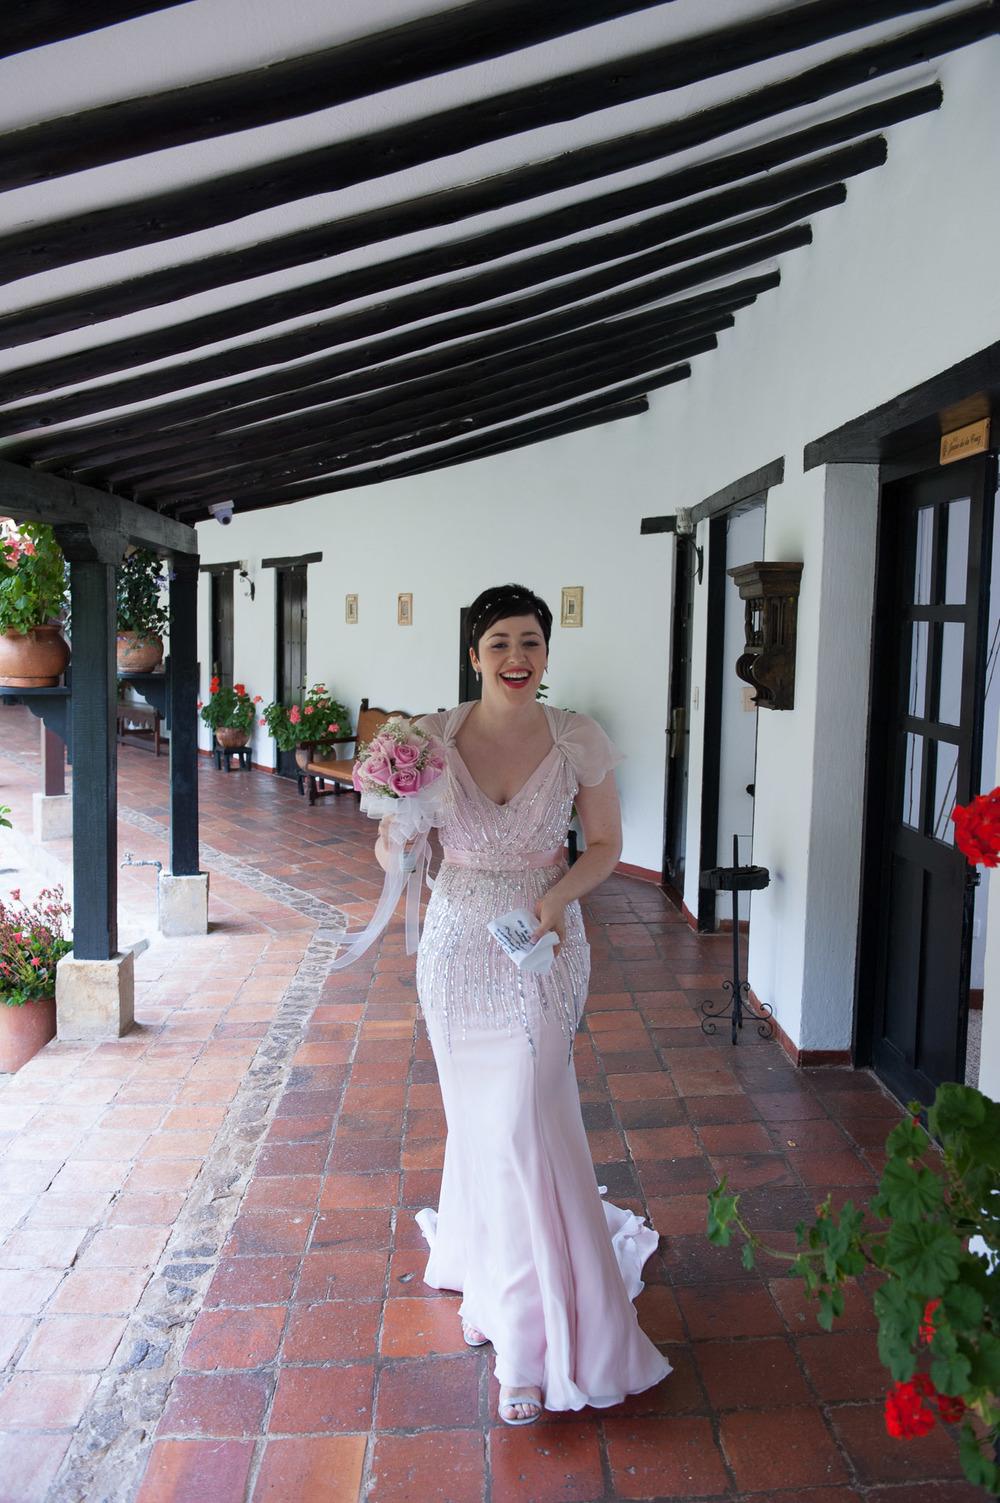 boda en villa de leyva_pablosalgado__PSB7967.jpg